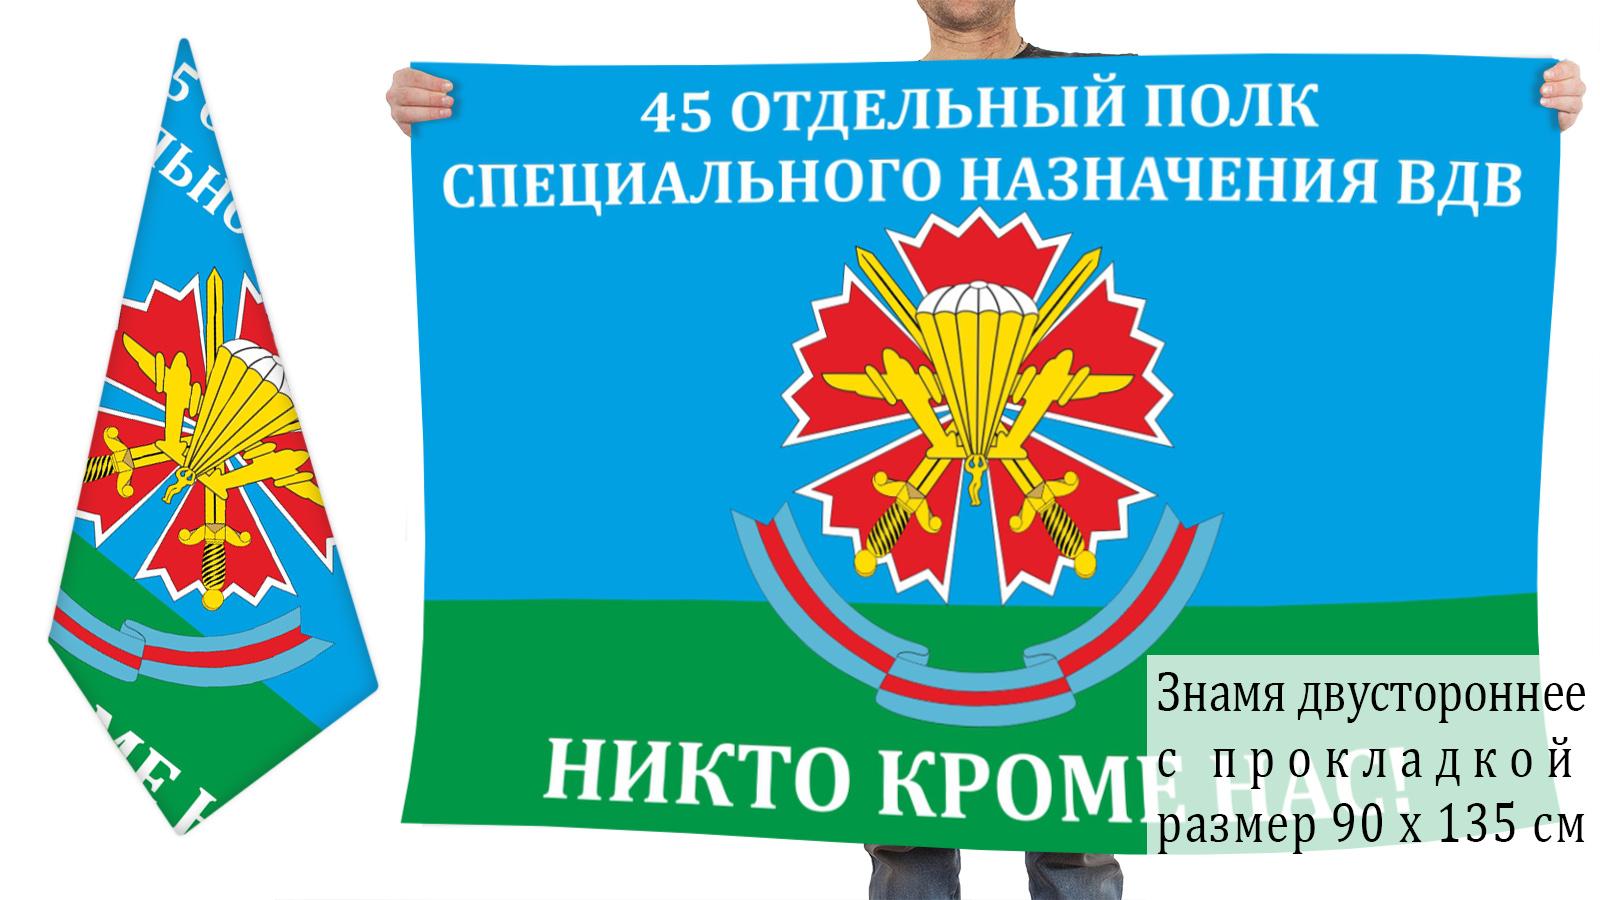 Двусторонний флаг 45 отдельного полка спецназа воздушно-десантных войск